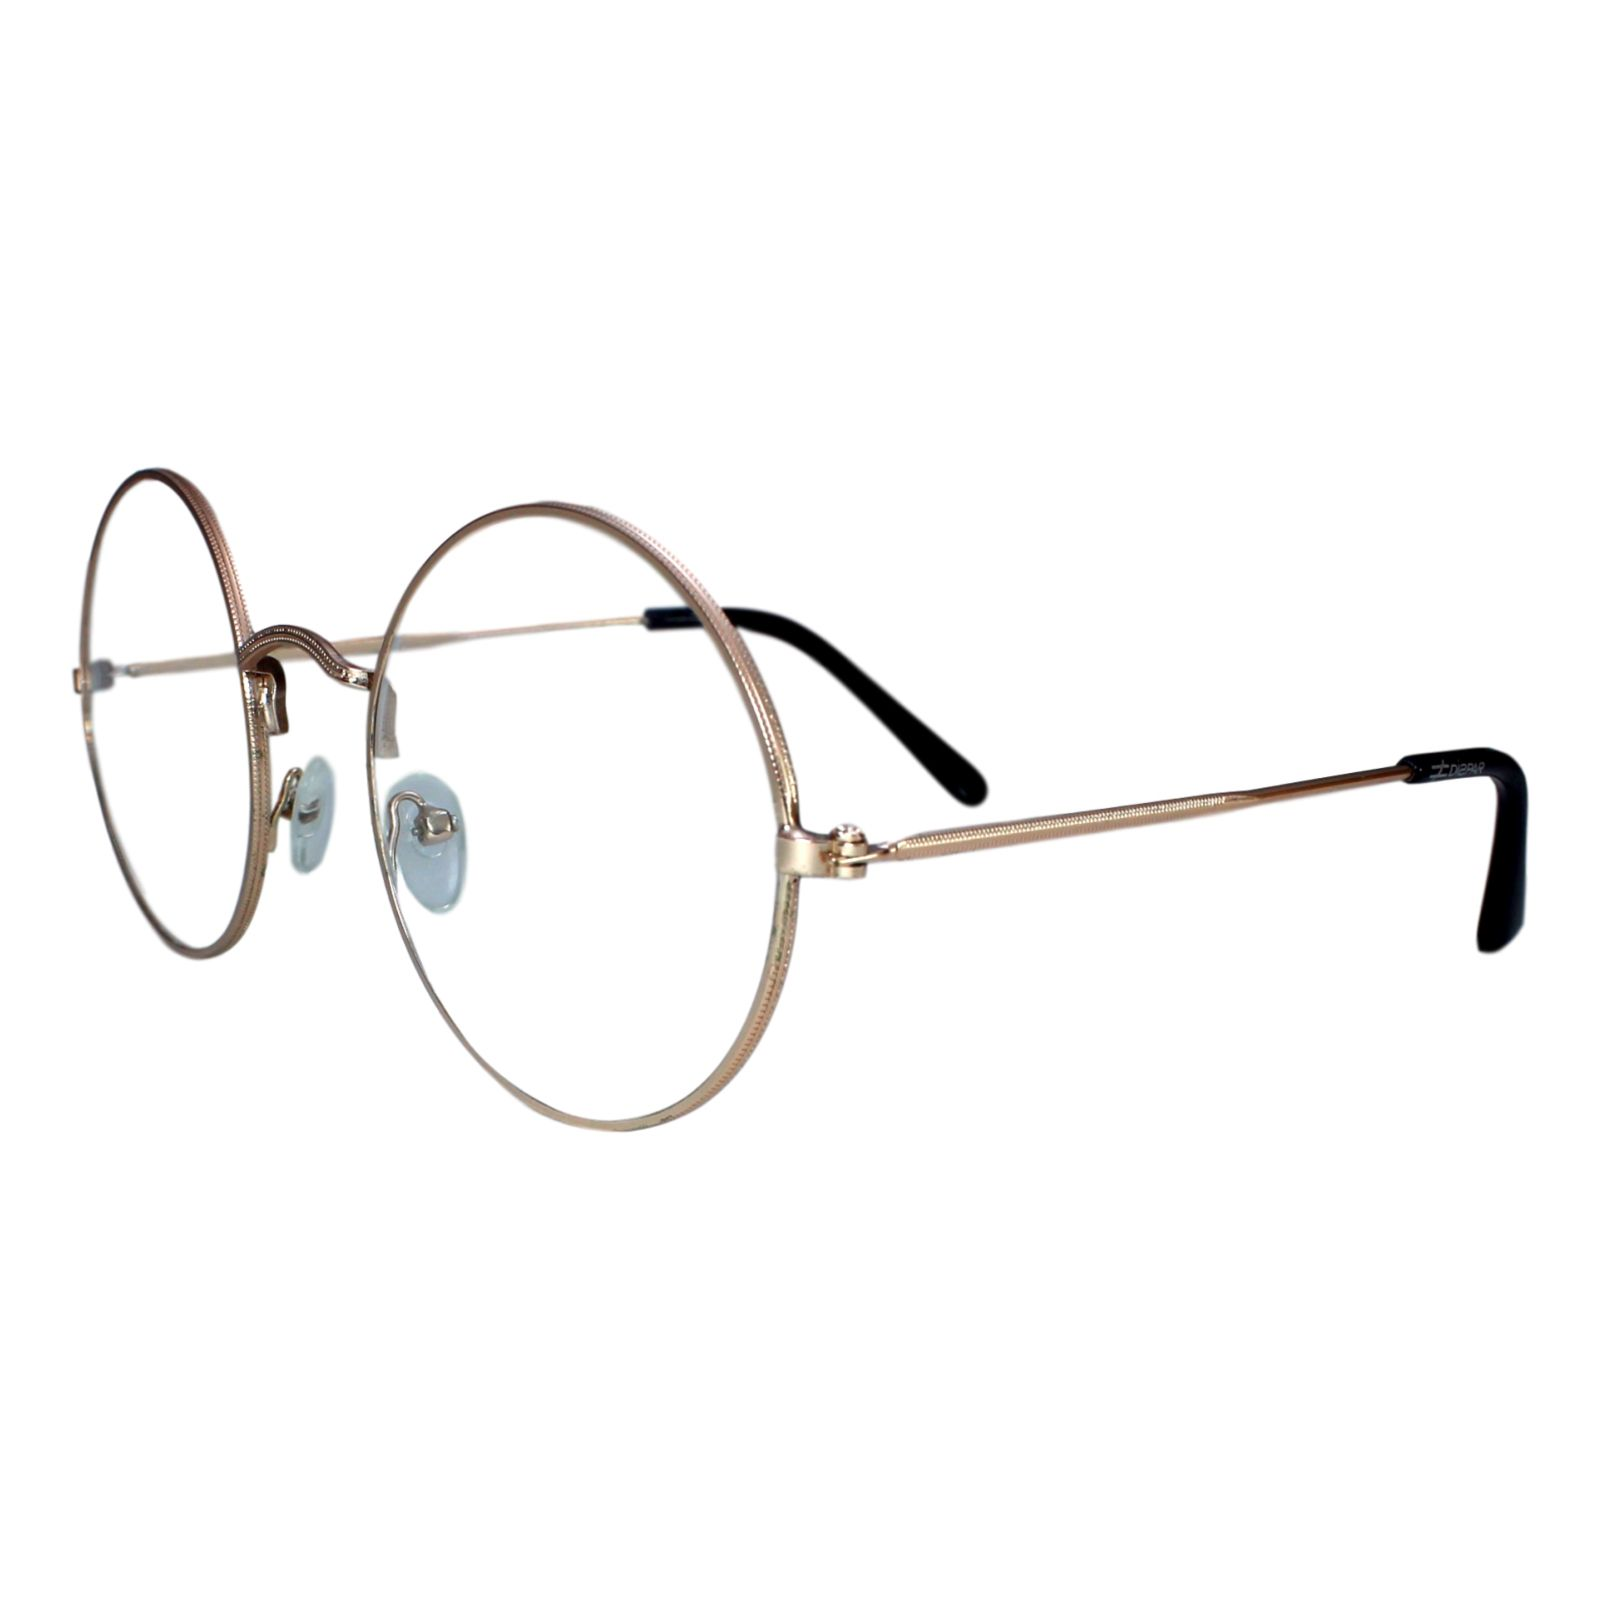 Armação para Óculos Díspar D1646 Redondo Grande Dourado - Marca Díspar b5b5e3ec7d